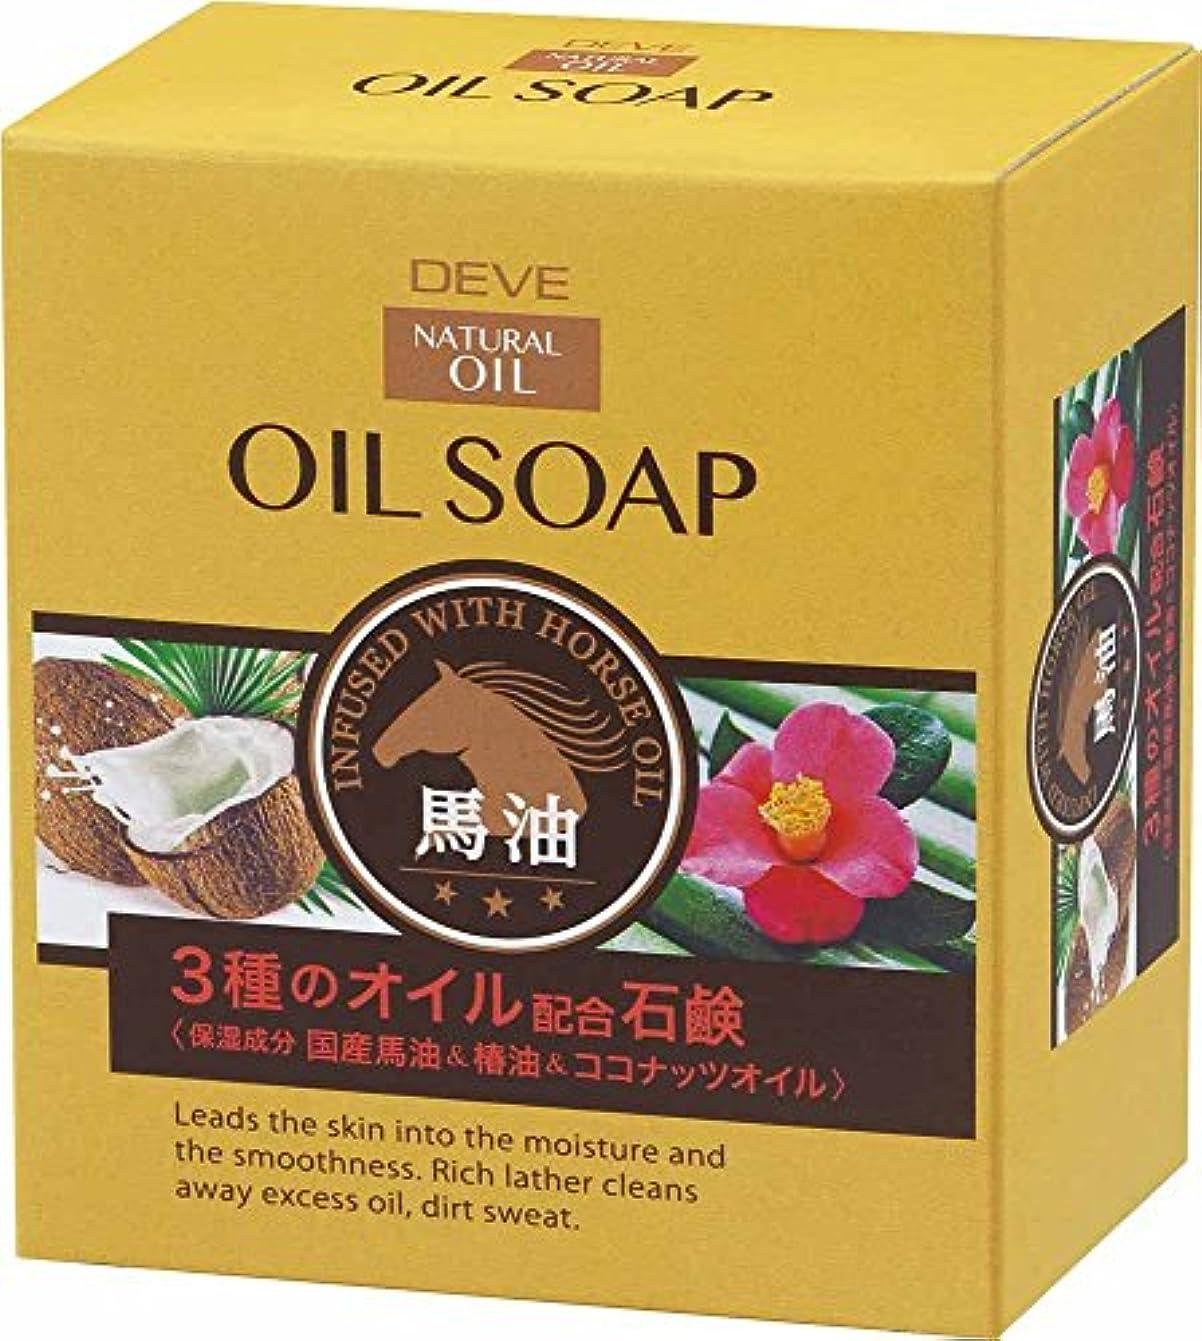 放置防止大ディブ 3種のオイルせっけん(馬油?椿油?ココナッツオイル) 100g